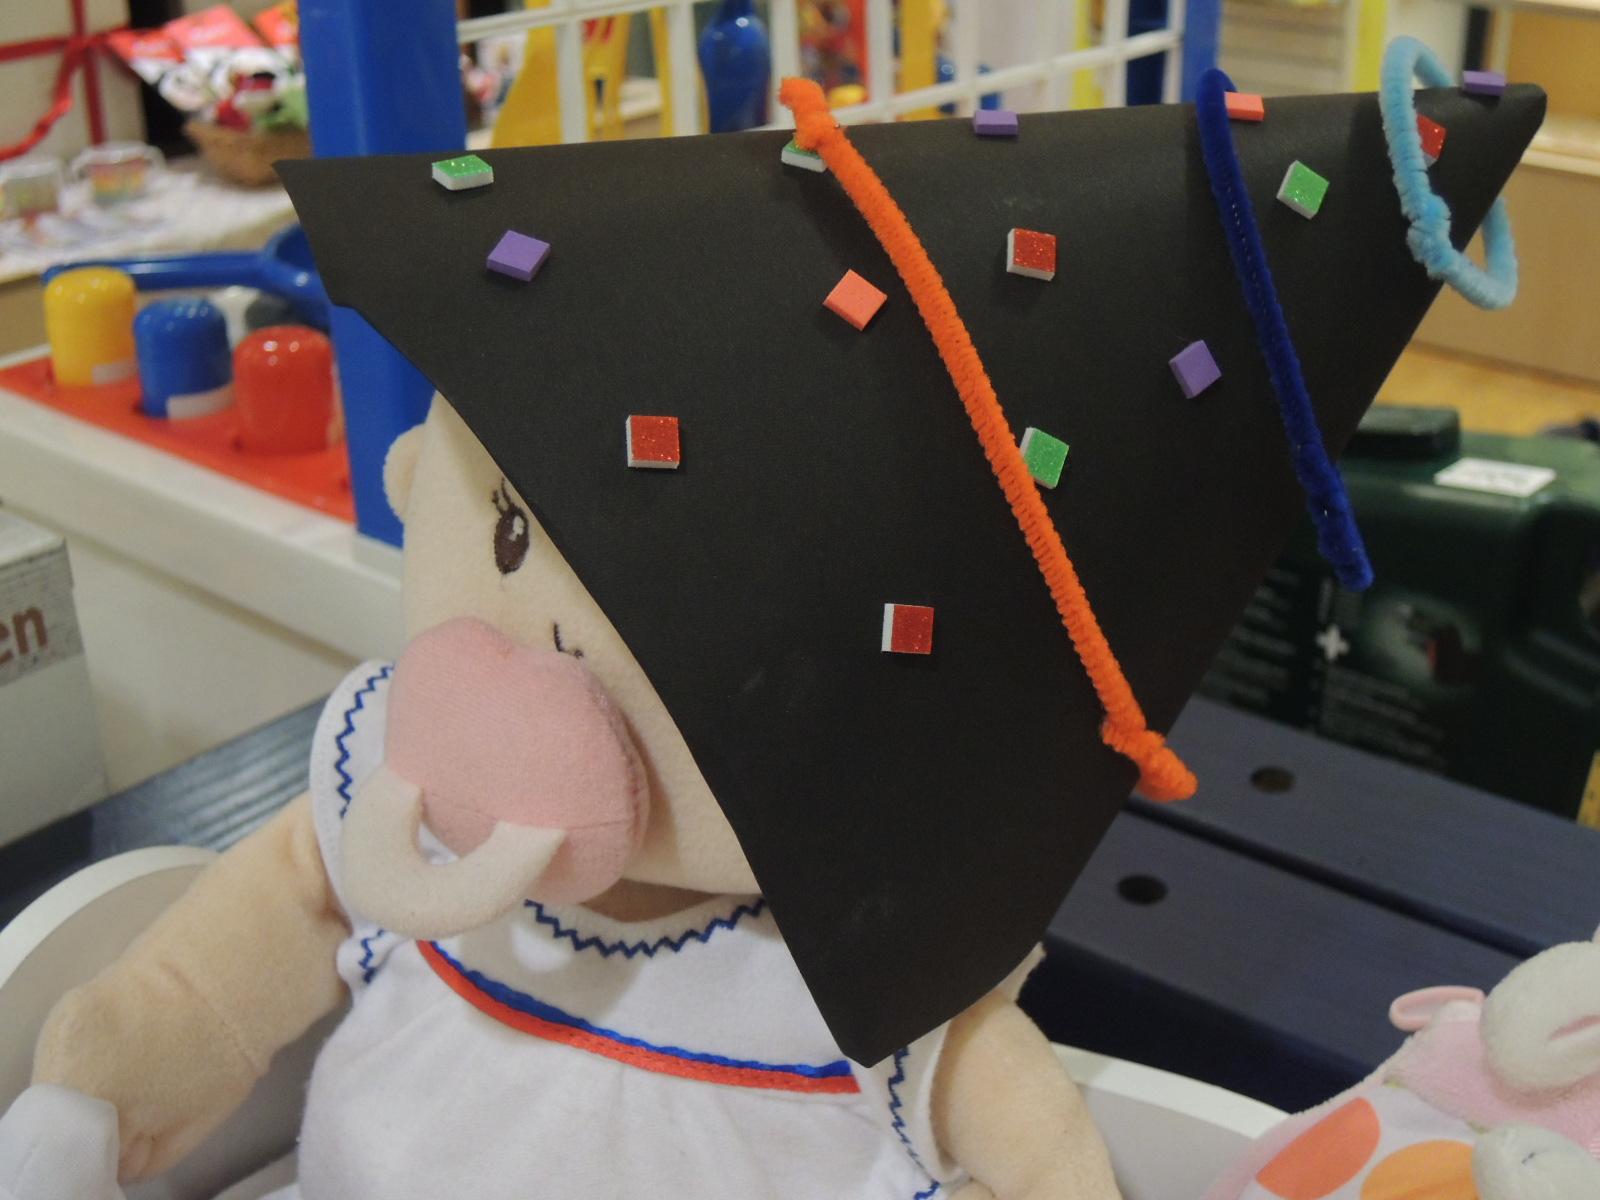 10/28【毎週土曜日/パパイベント】ハロウィンクラフトパーティー「ハロウィンの帽子を作ろう!」